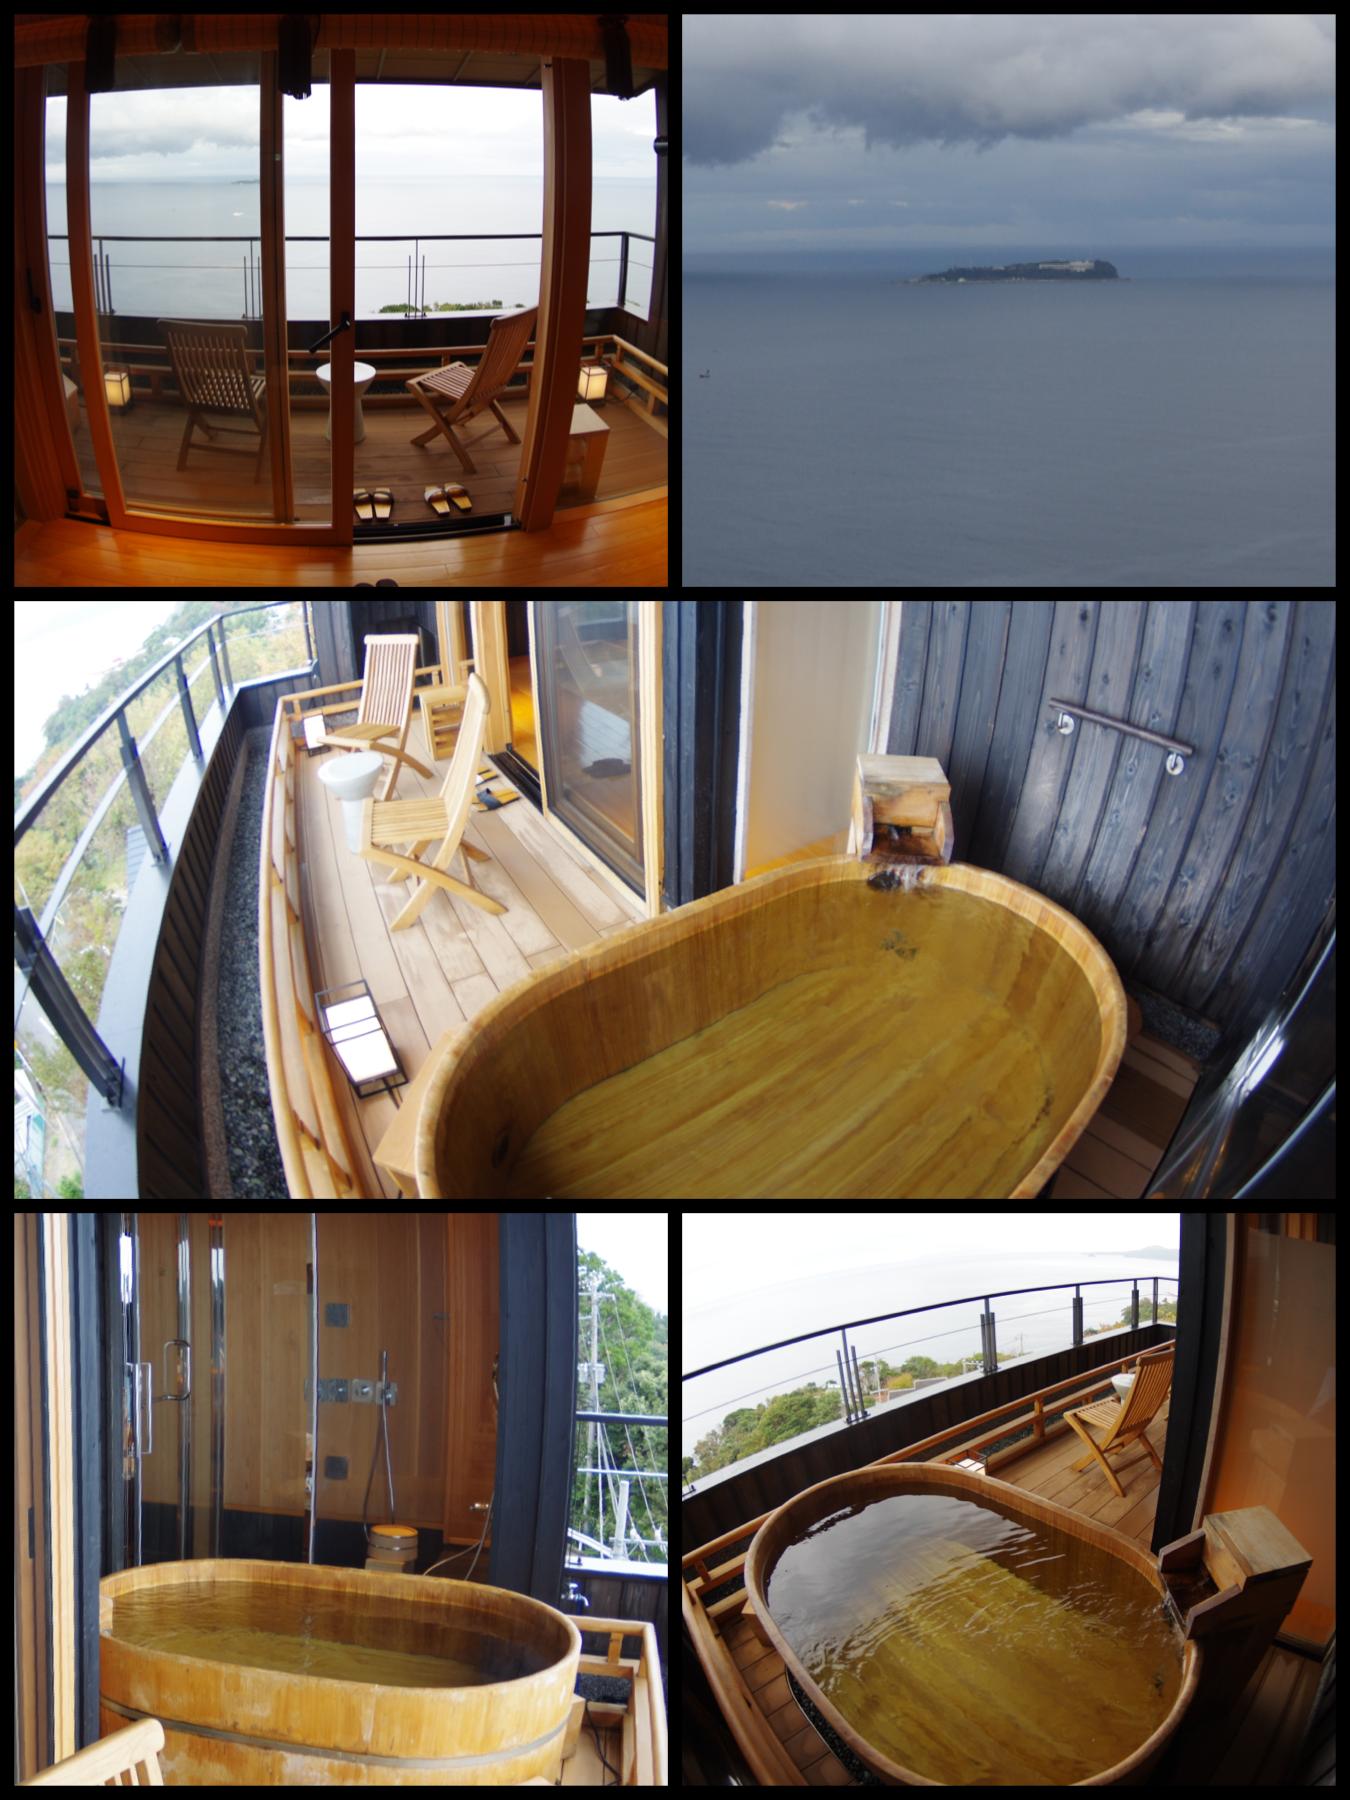 熱海市網代  旅館「山龢〈さんが〉」貴賓館 蒼 露天風呂